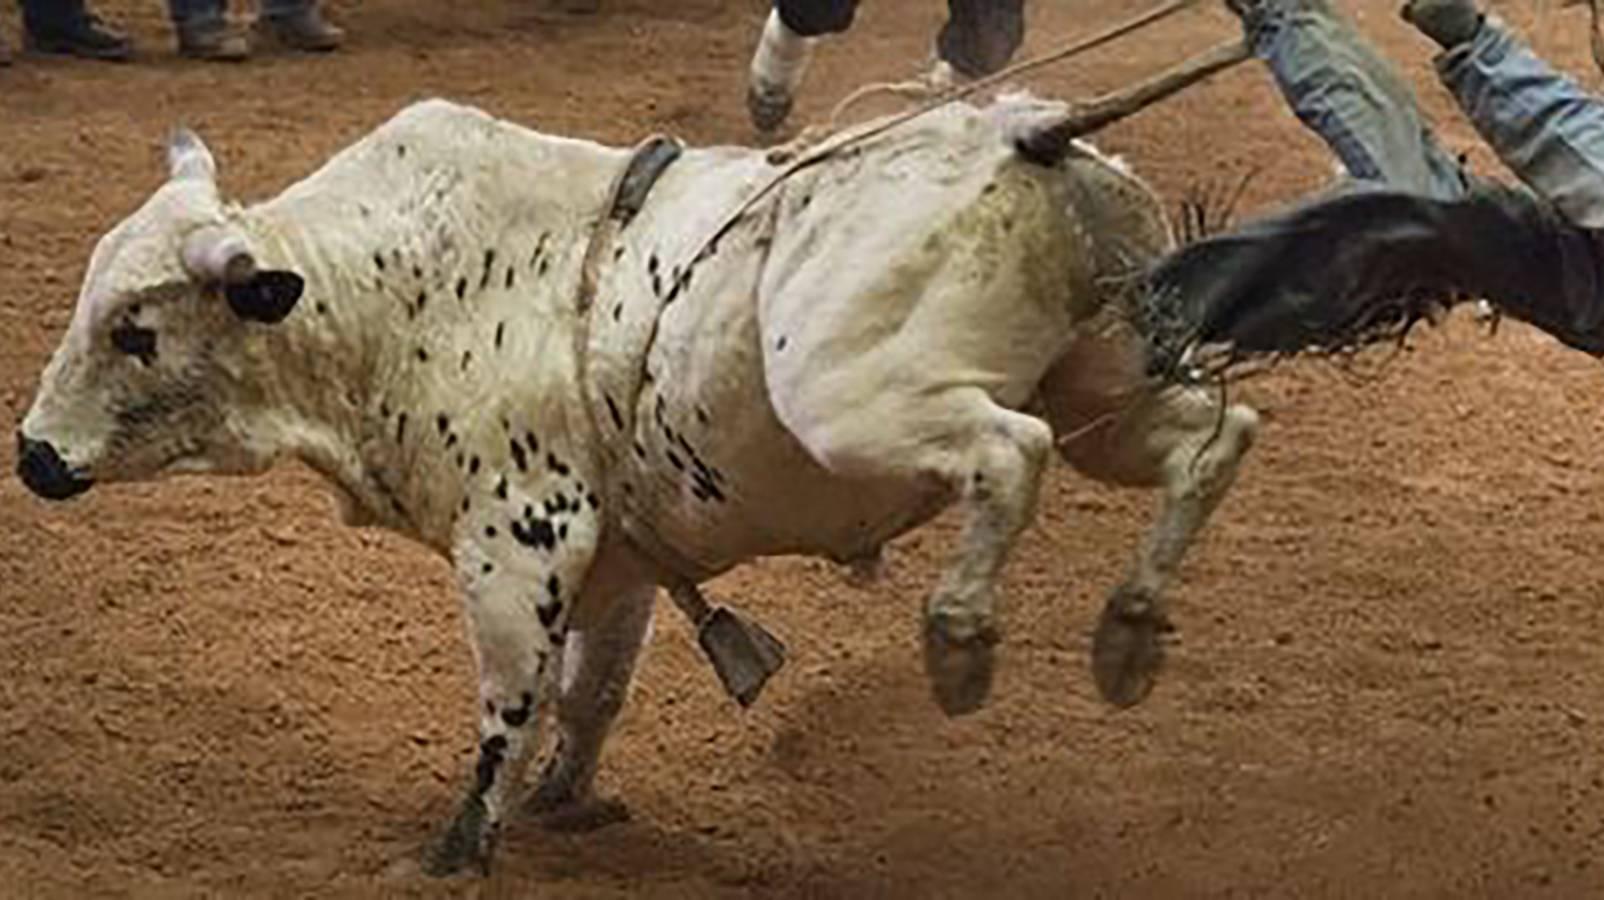 PBR - Professional Bull Riders World Finals (Saturday)